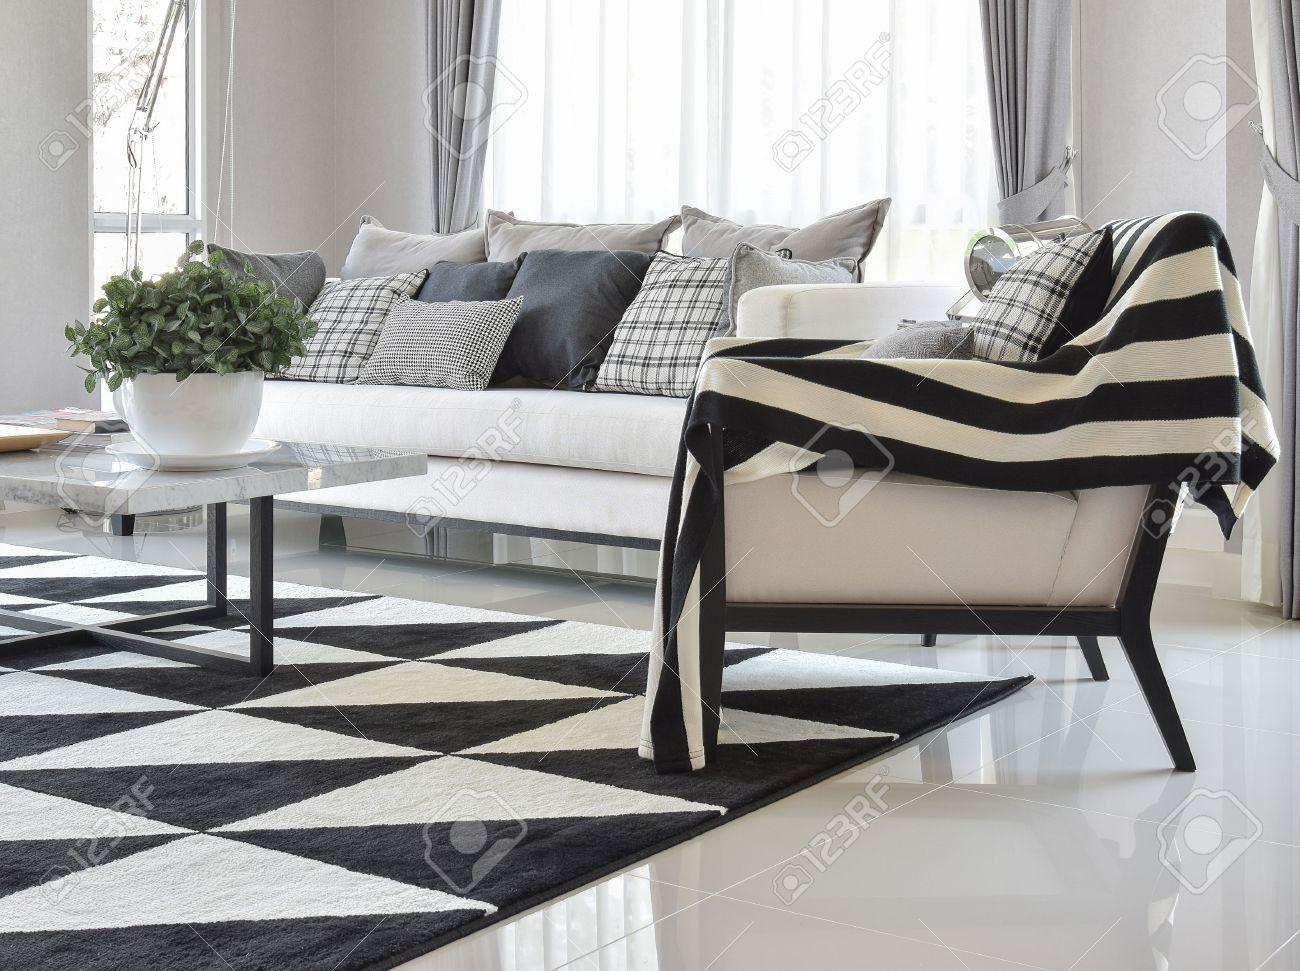 salon moderne interieur avec des oreillers en damier noir et blanc et tapis